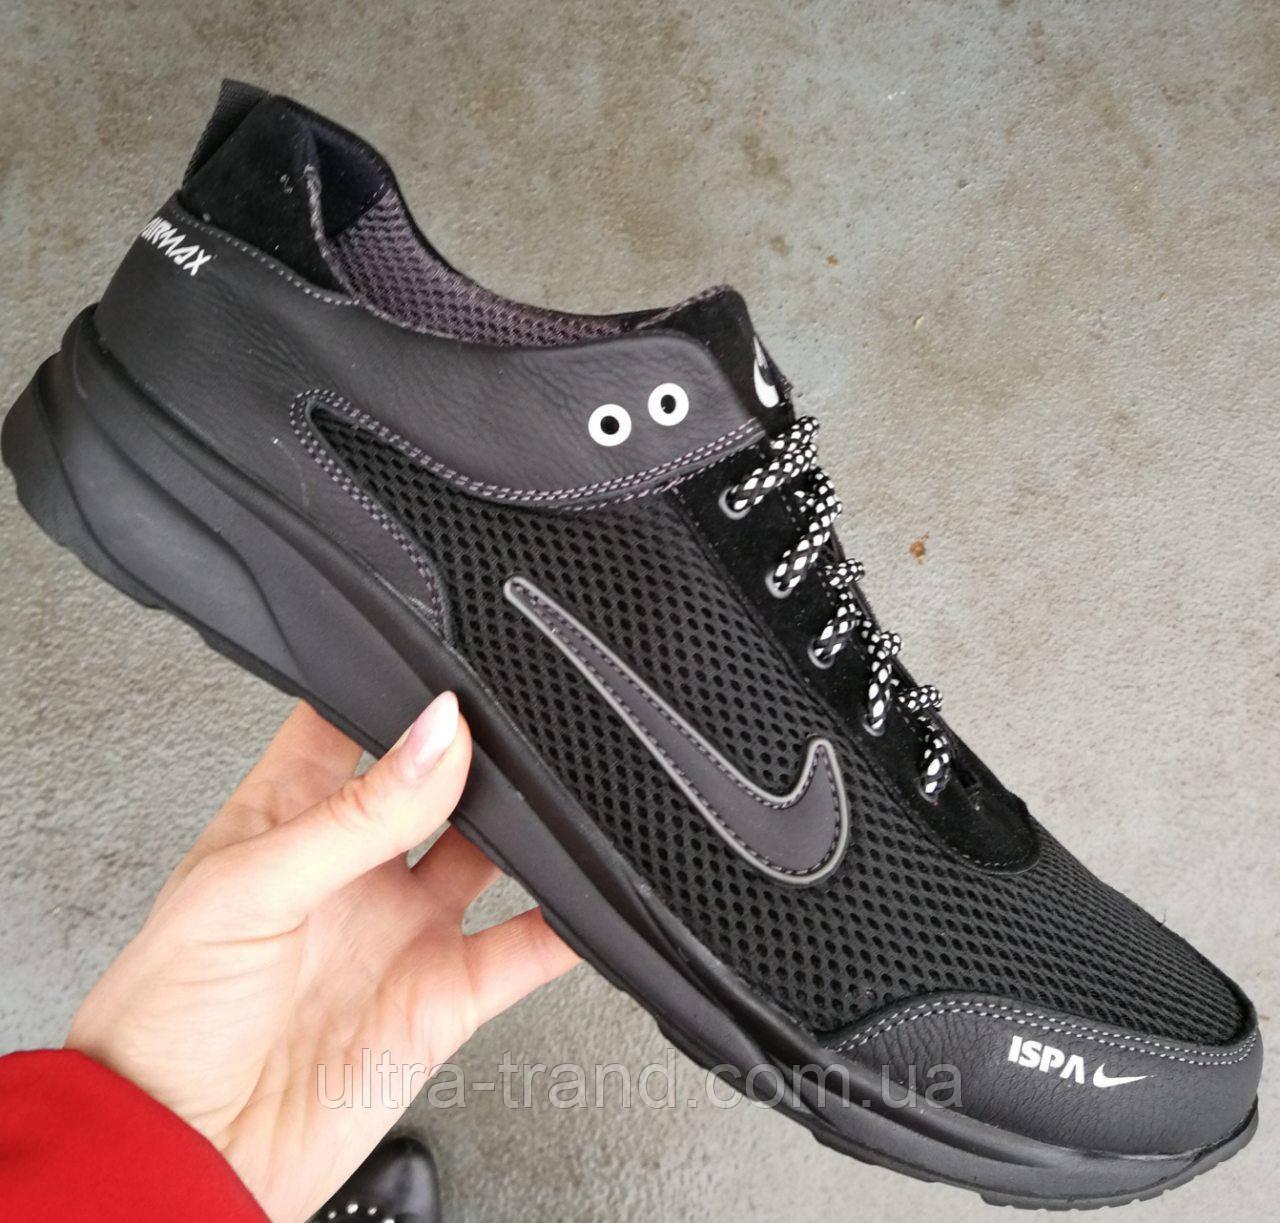 Nike Big! Мужские кроссовки большого размера летние сетка Найк.